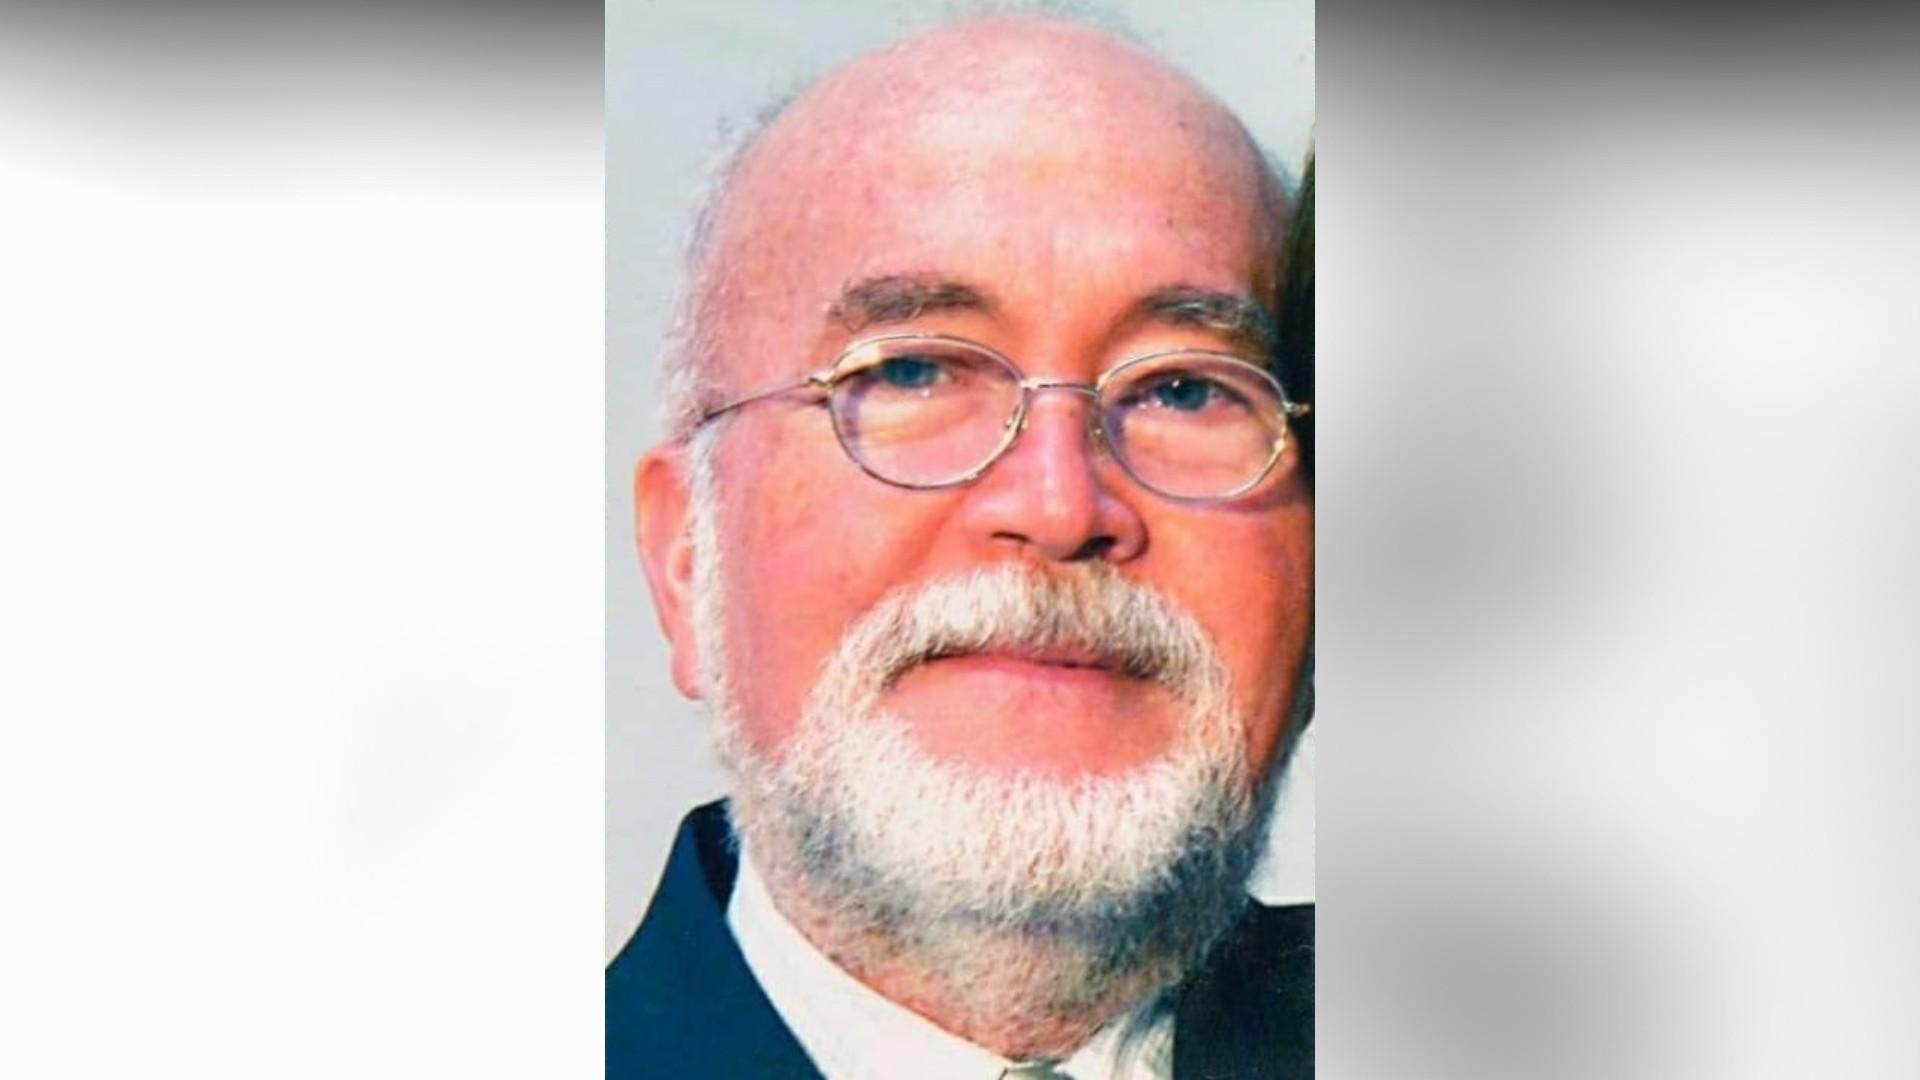 Economista Heitor Cabral morre vítima de Covid-19 em João Pessoa